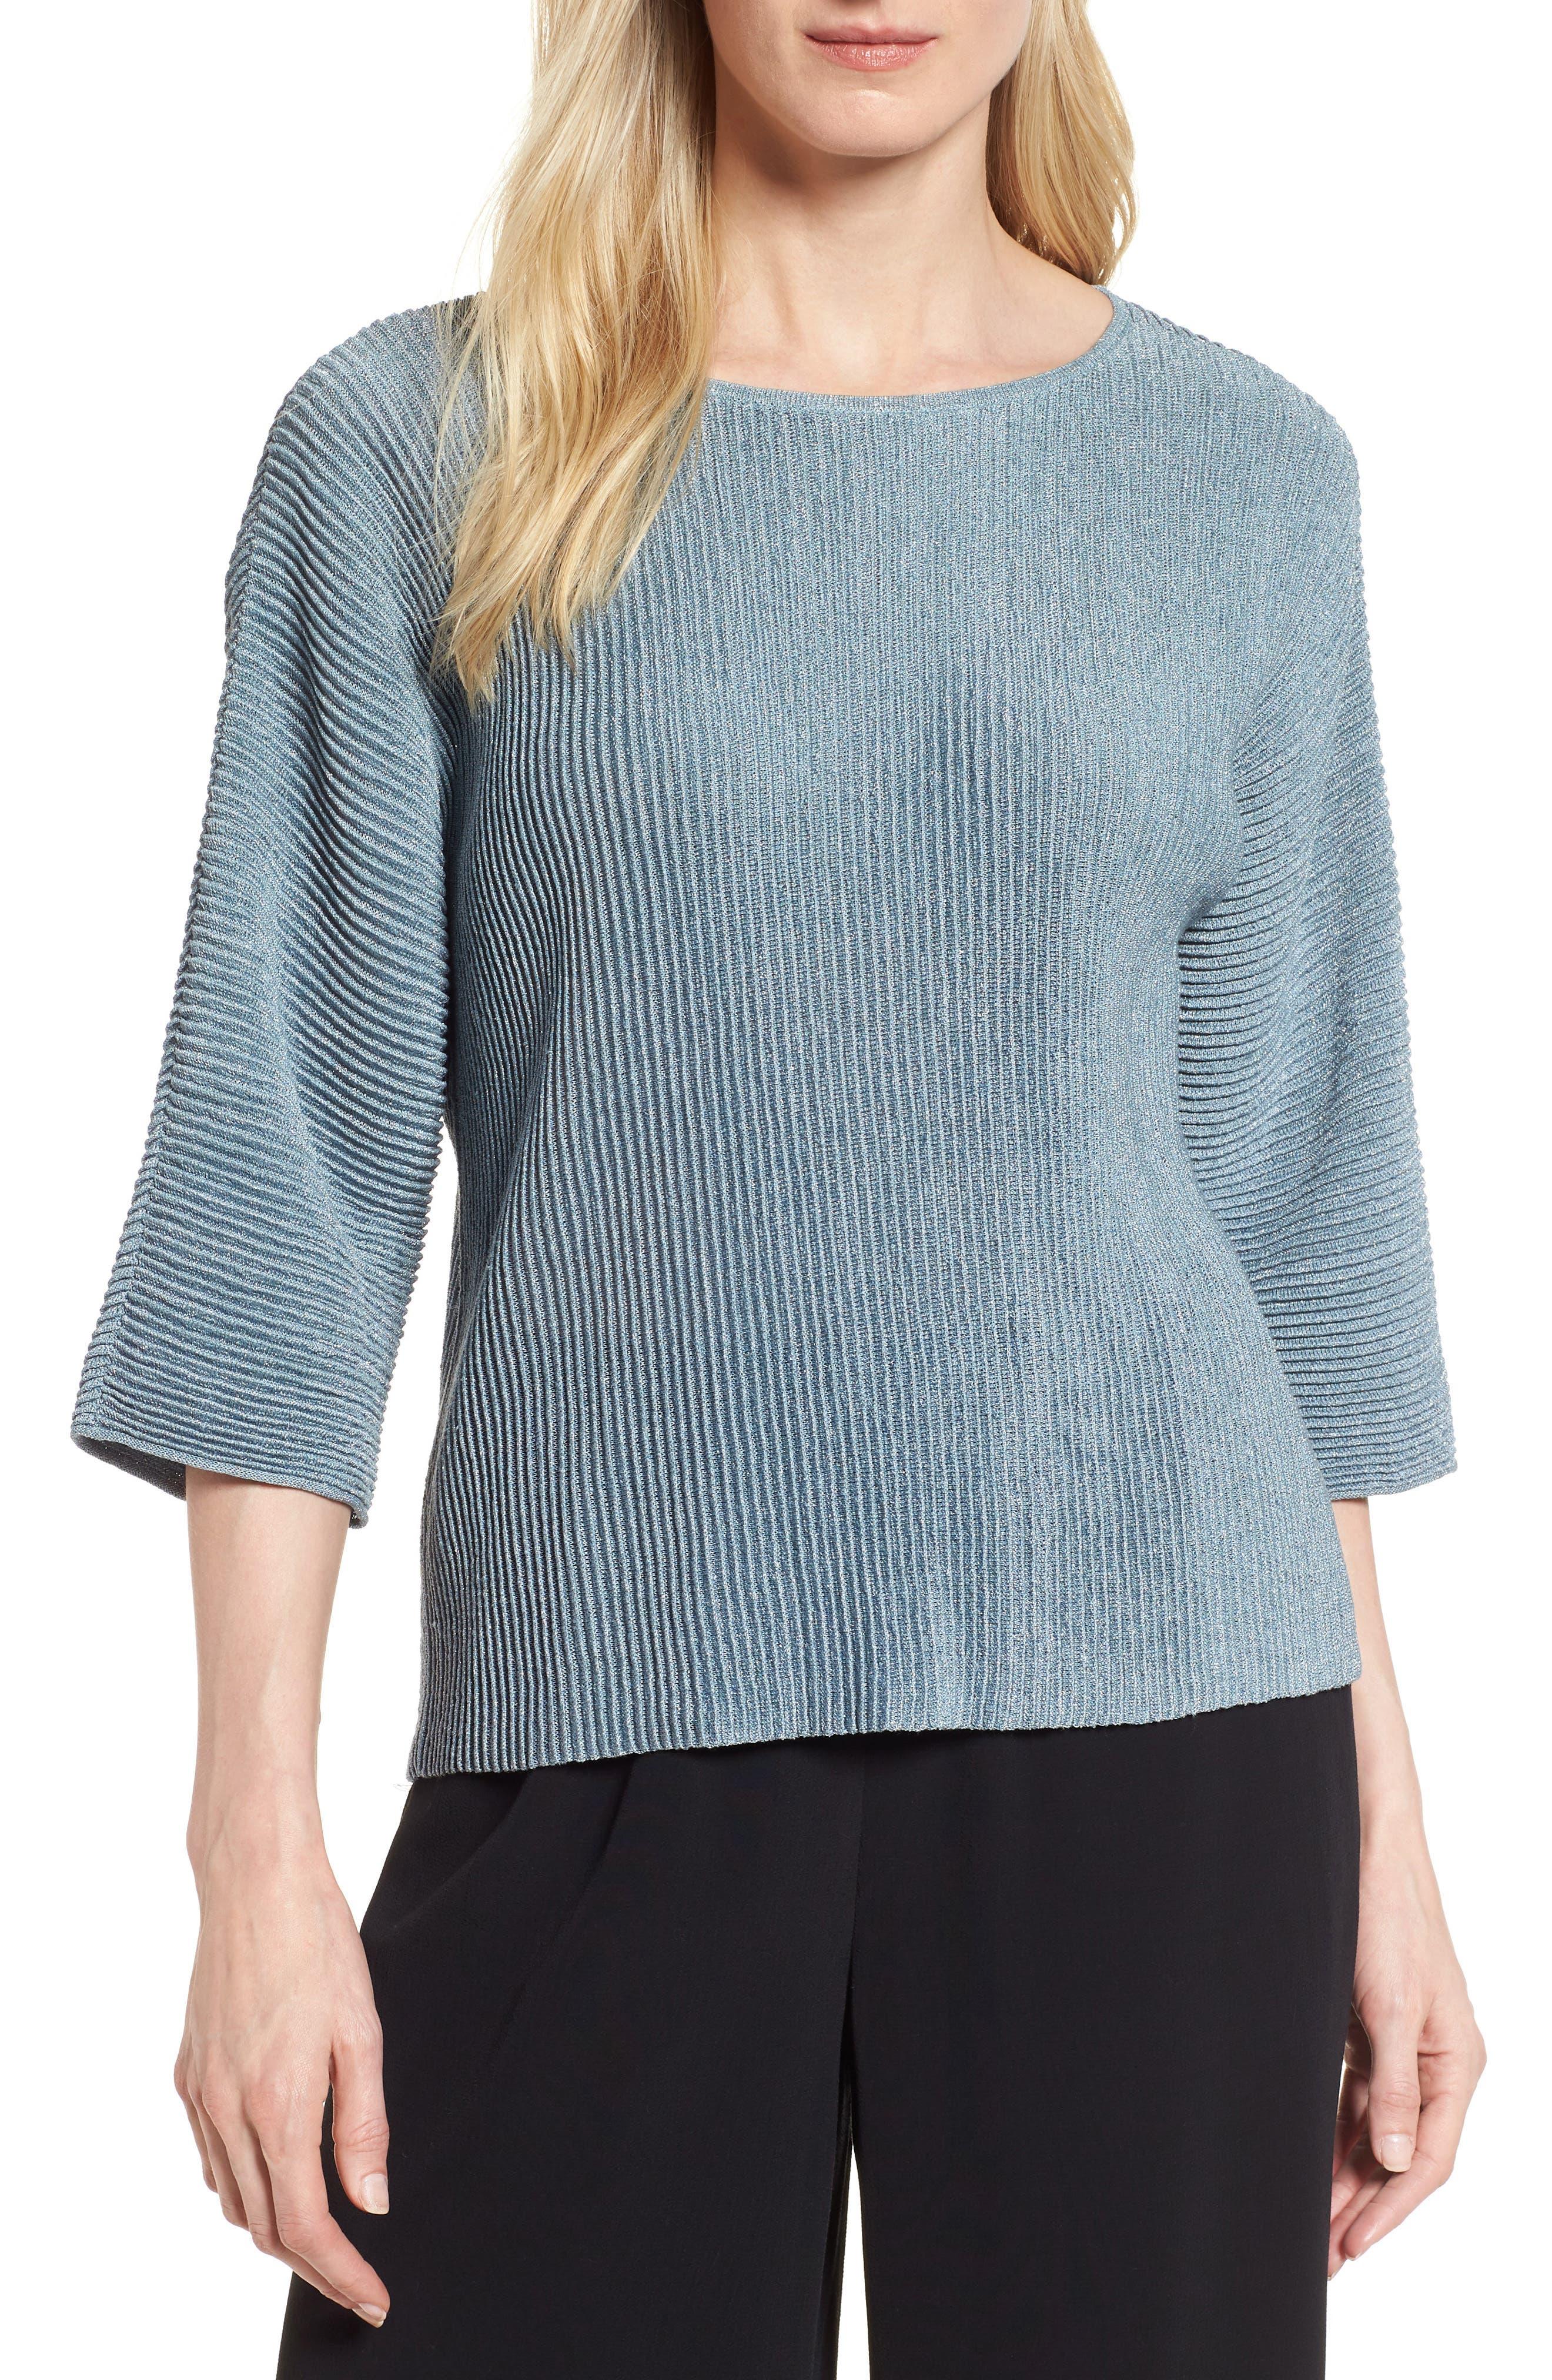 Eileen Fisher Metallic Hemp Blend Sweater